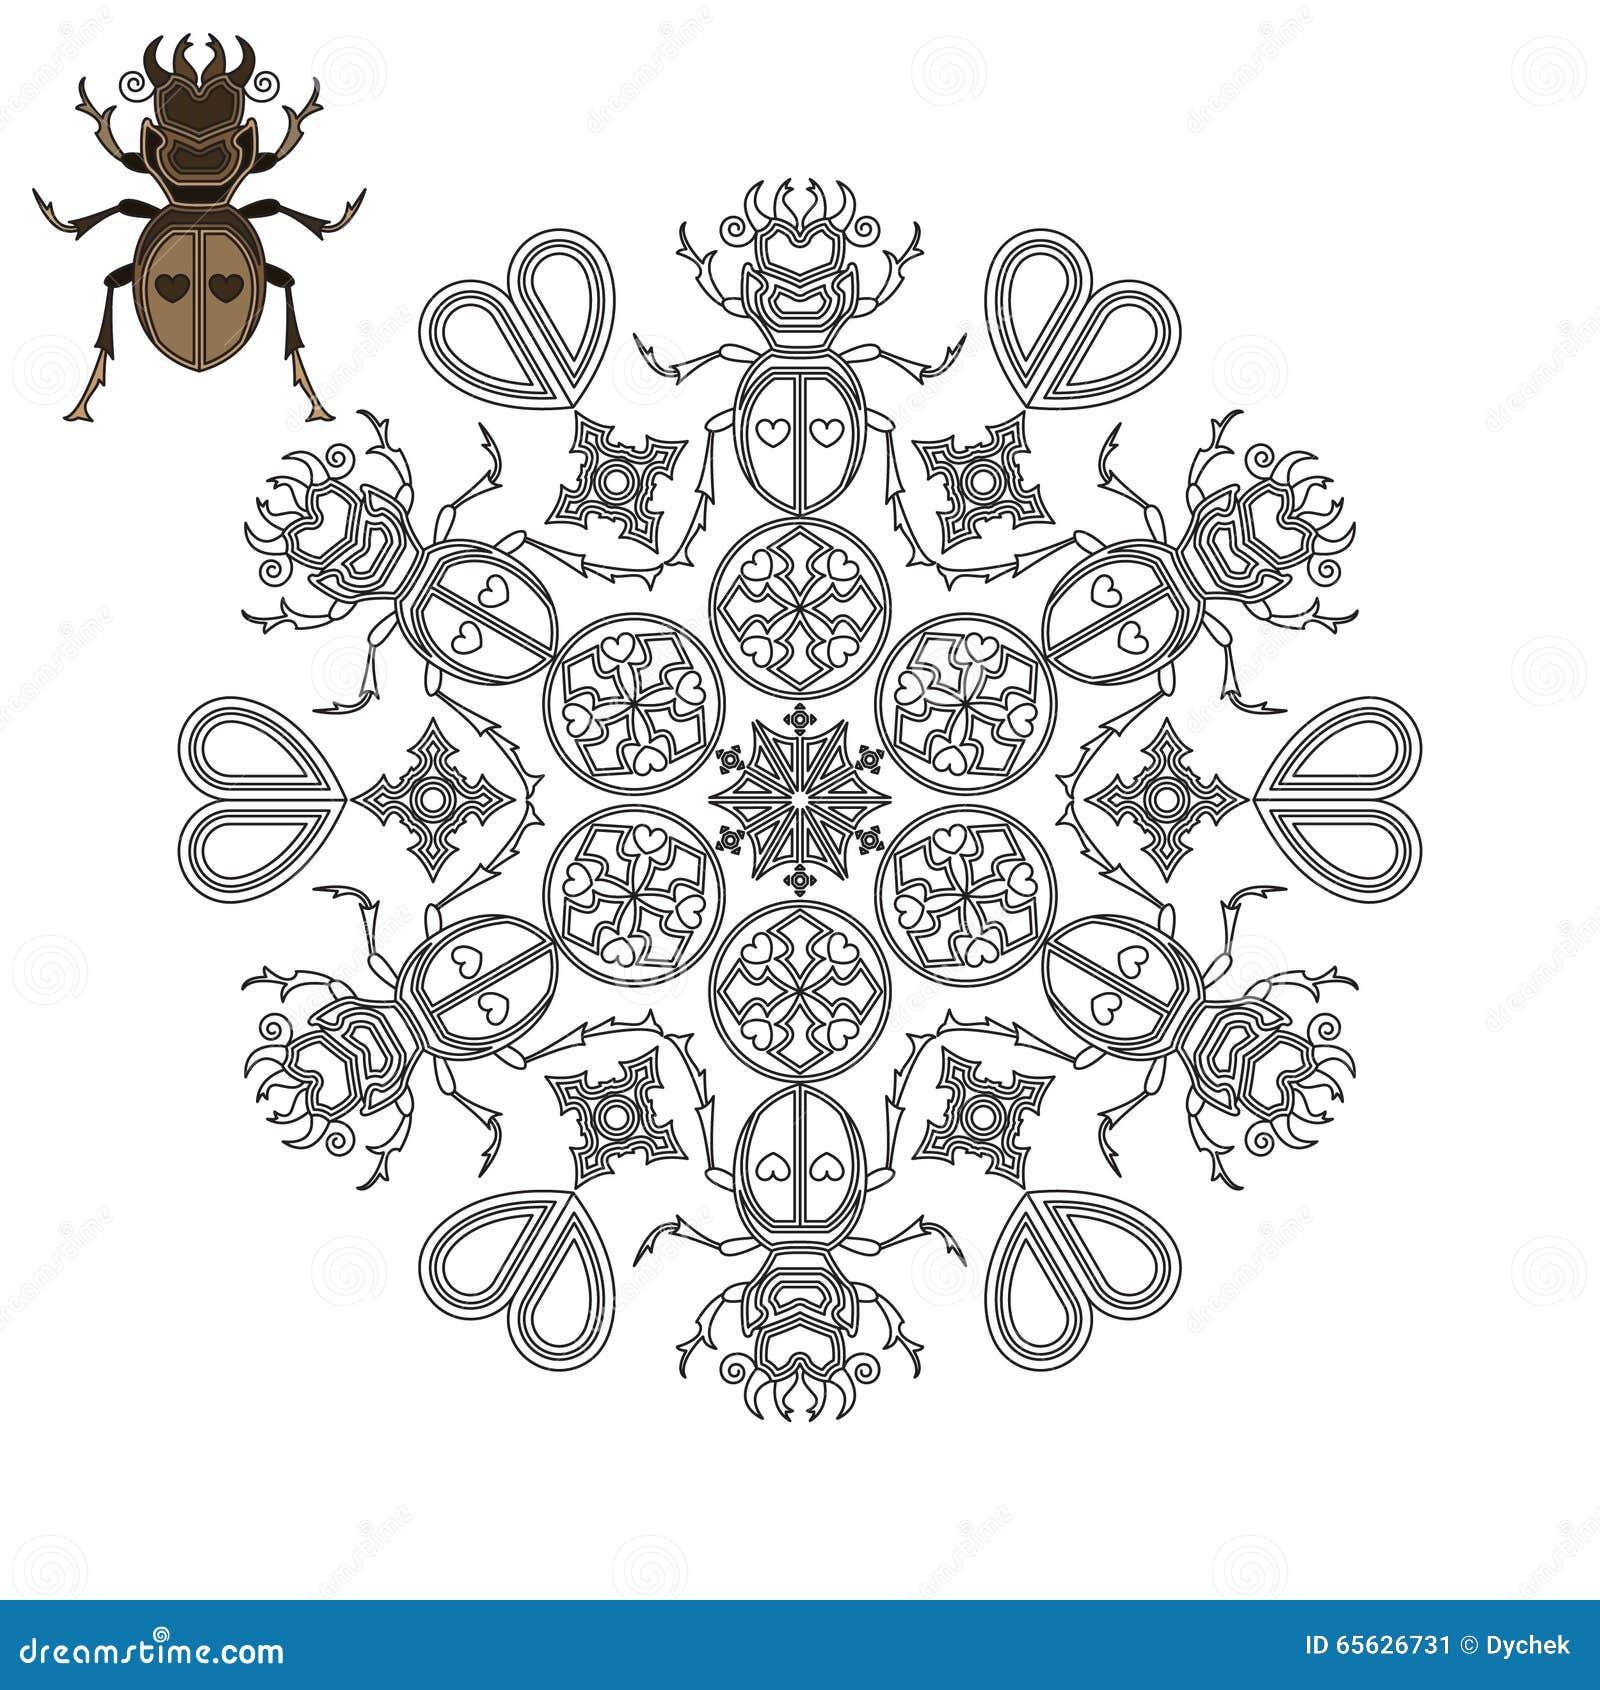 Mandala avec un scarabée, des coeurs et des formes géométriques